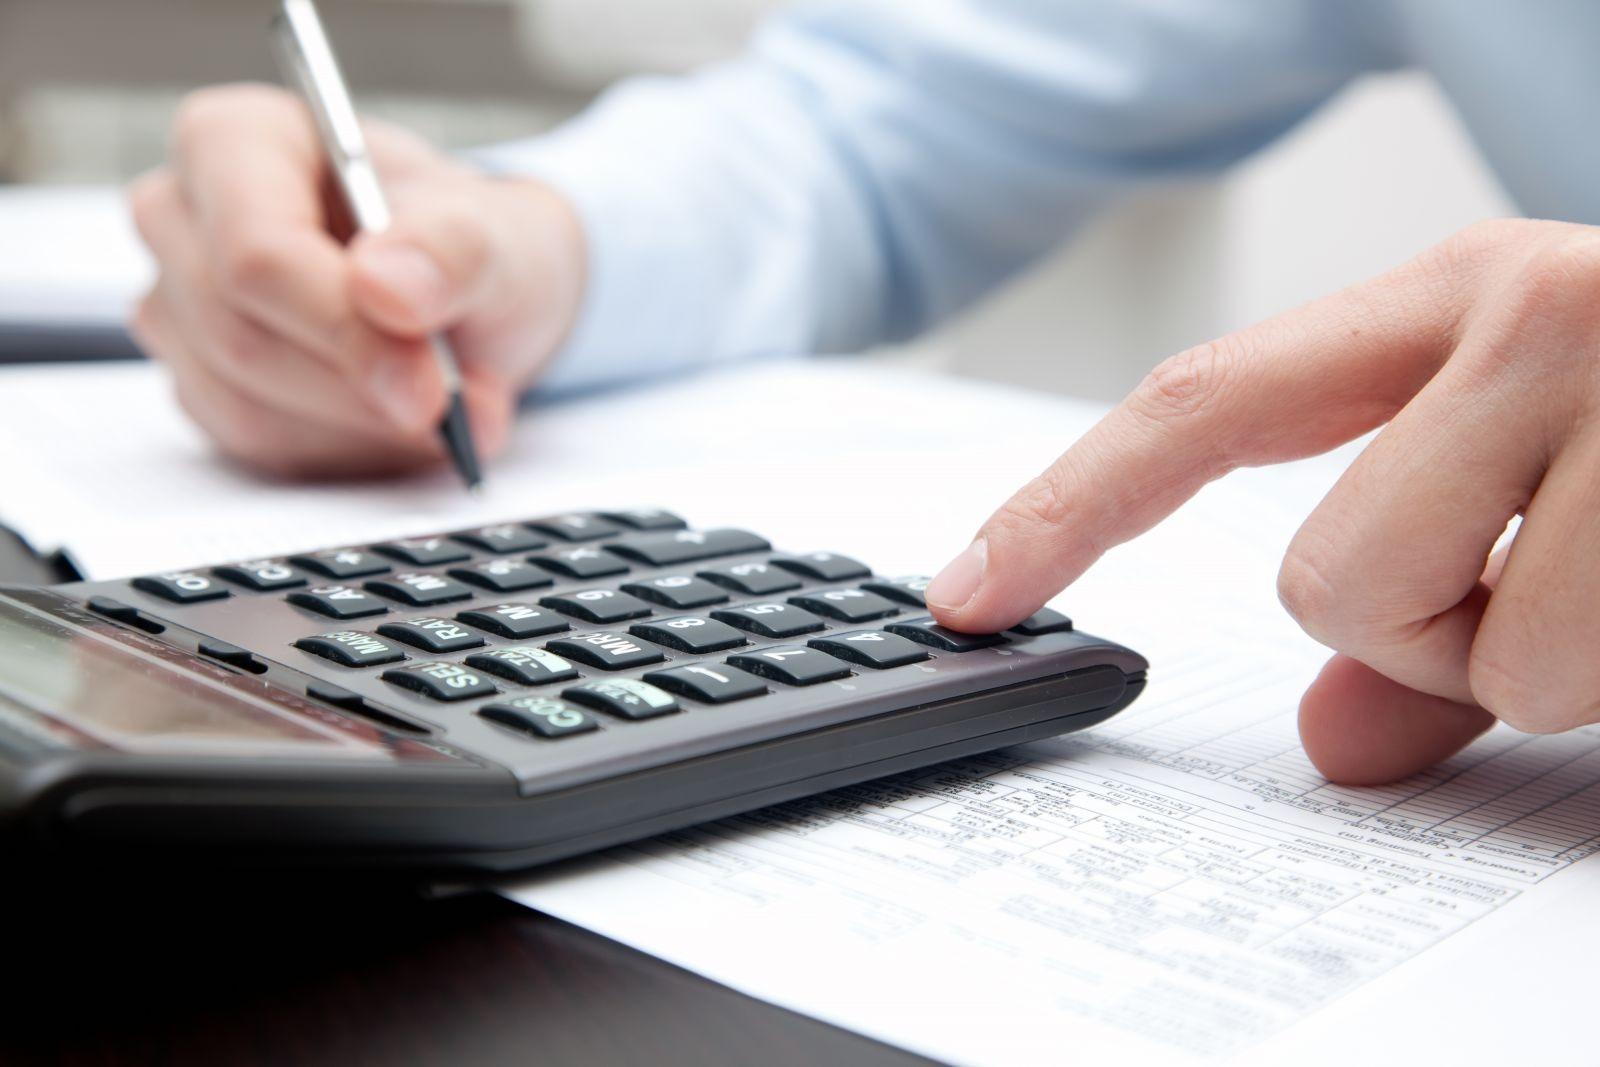 Separar as finanças no casamento não significa falta de confiança